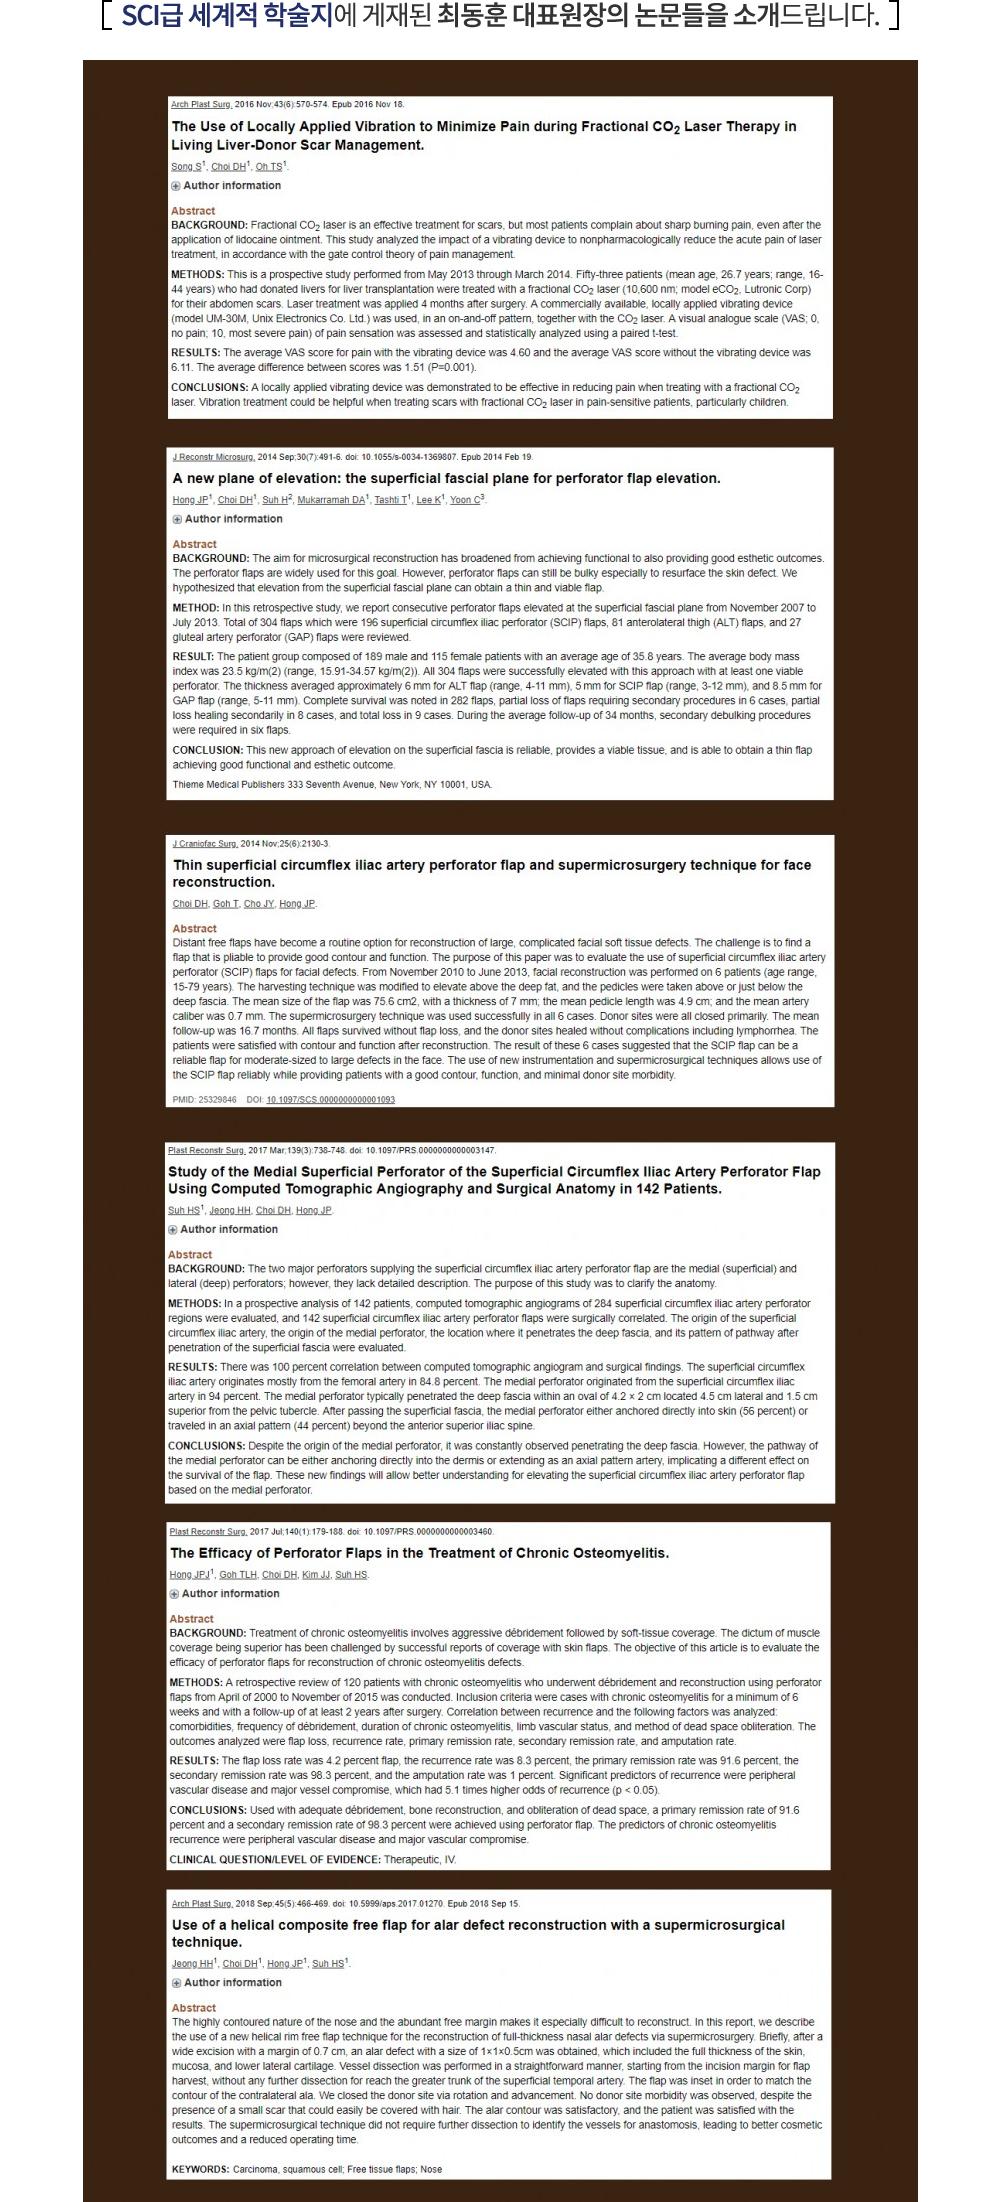 SCI급 세계적 학술지에 게재된 최동훈 대표원장의 논문들을 소개 드립니다.